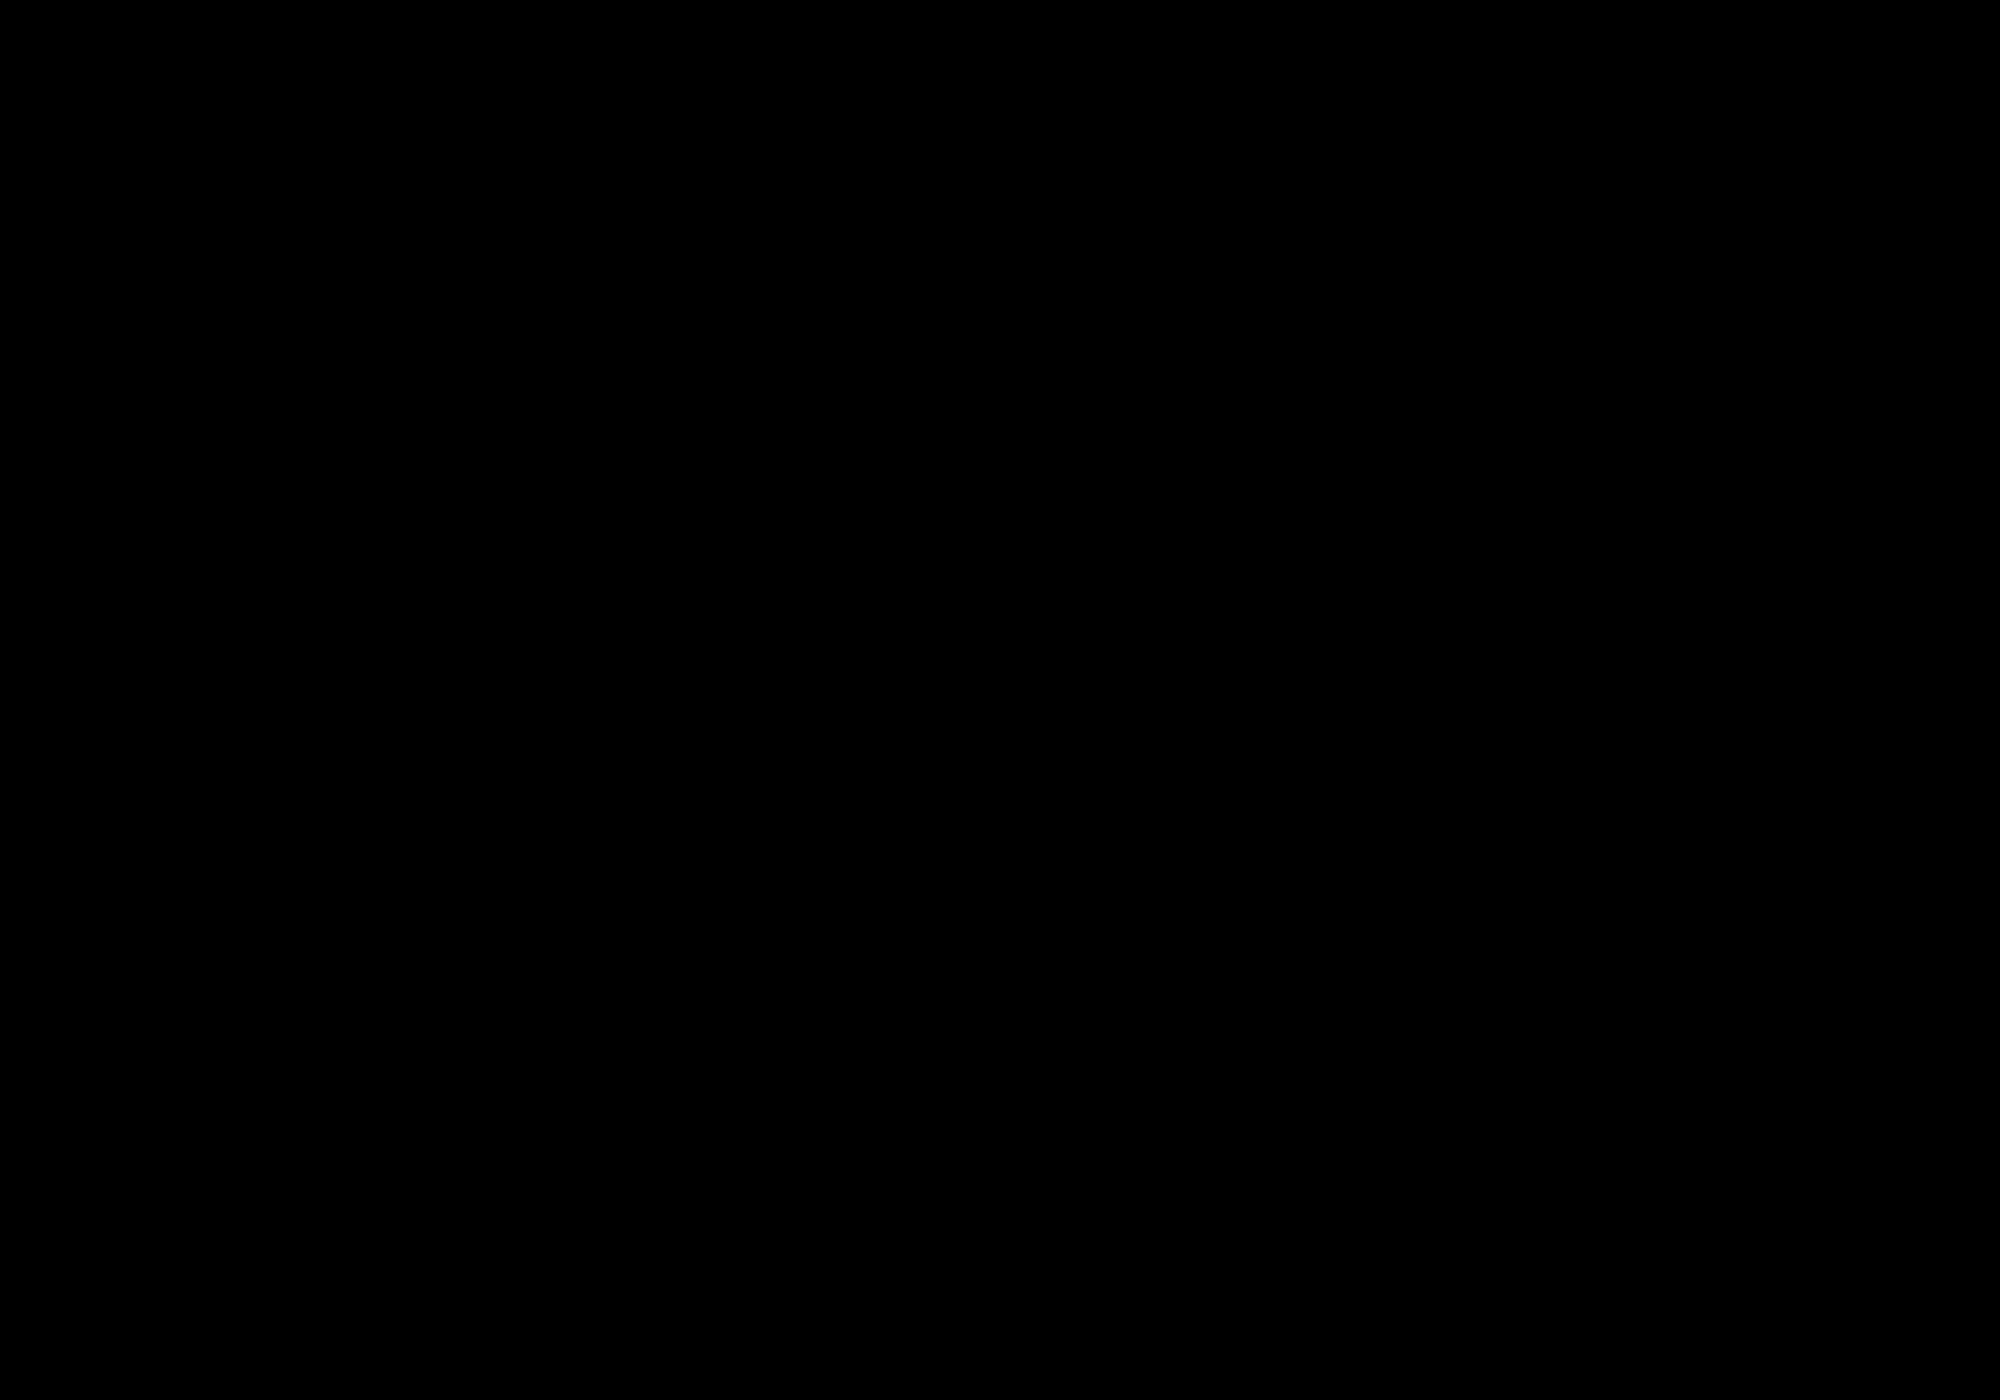 Πέδιλο Μαύρο με μπλε λεπτομέρειες